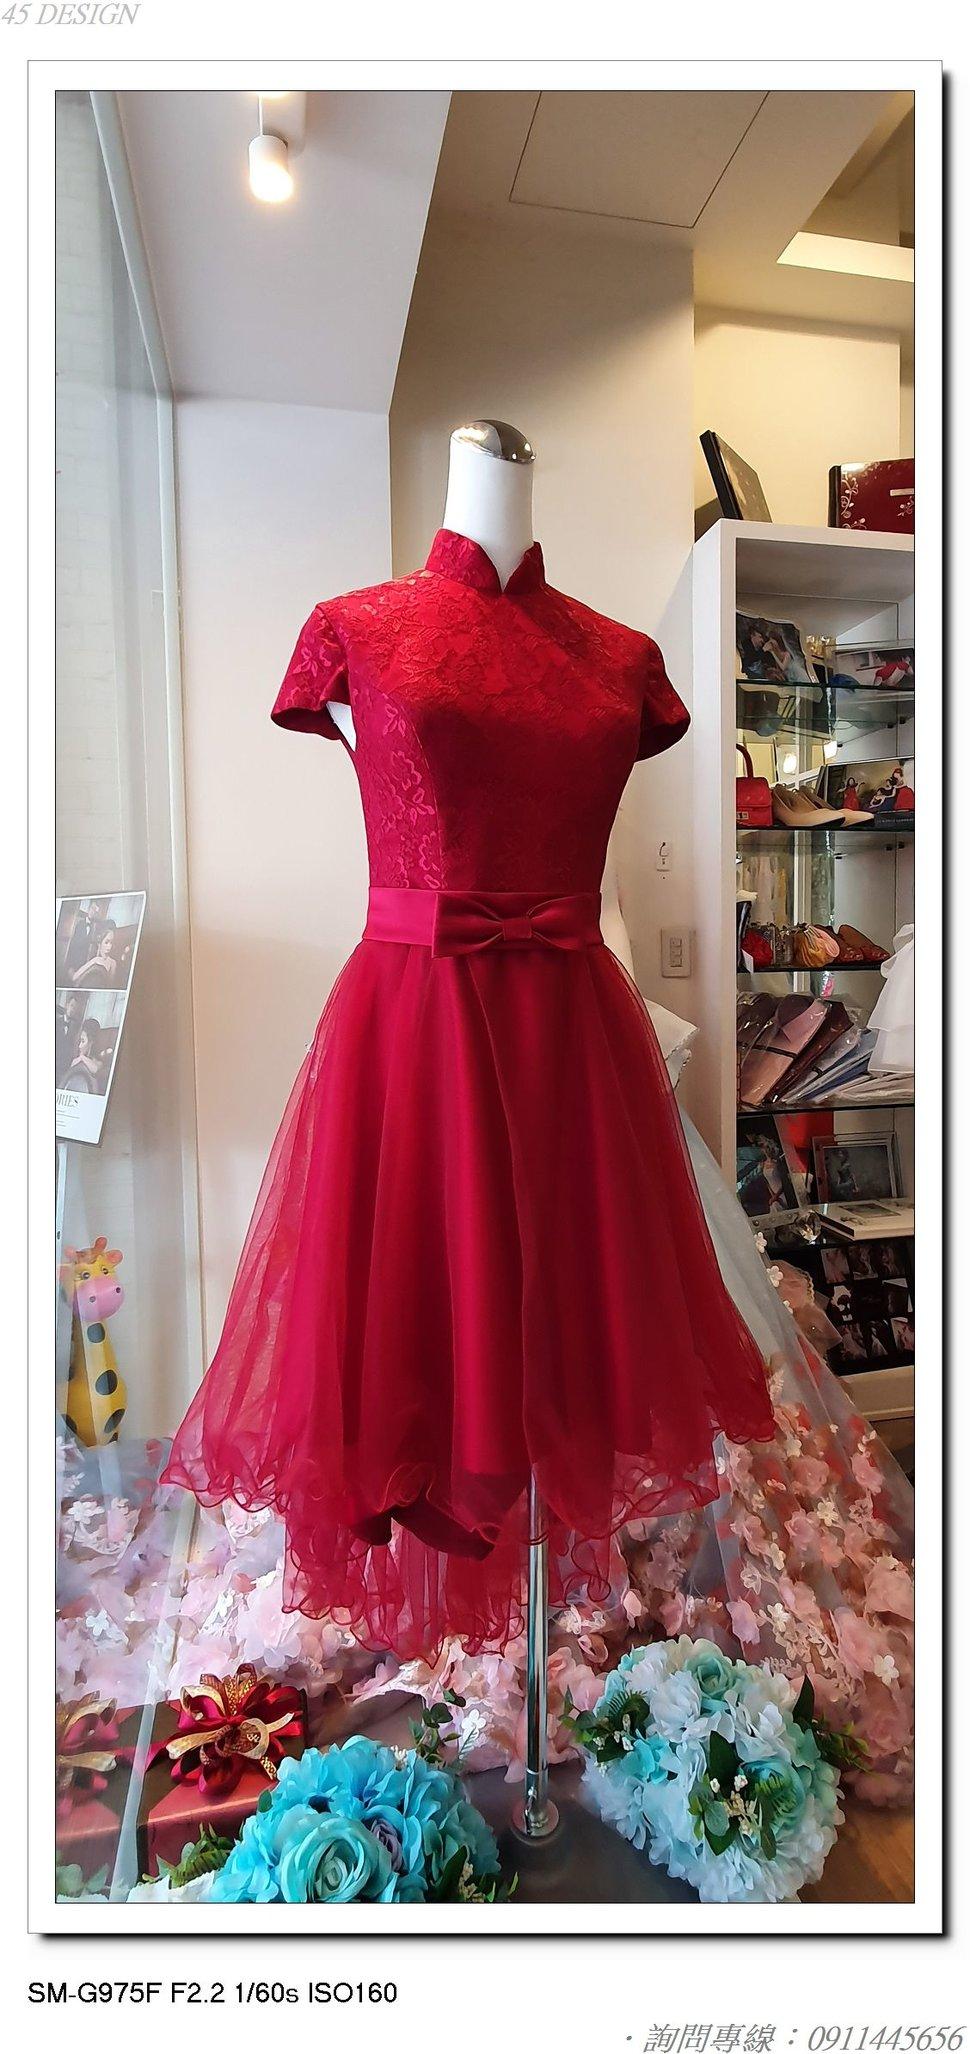 20200210_102130 - 全台最便宜-45DESIGN四五婚紗禮服《結婚吧》